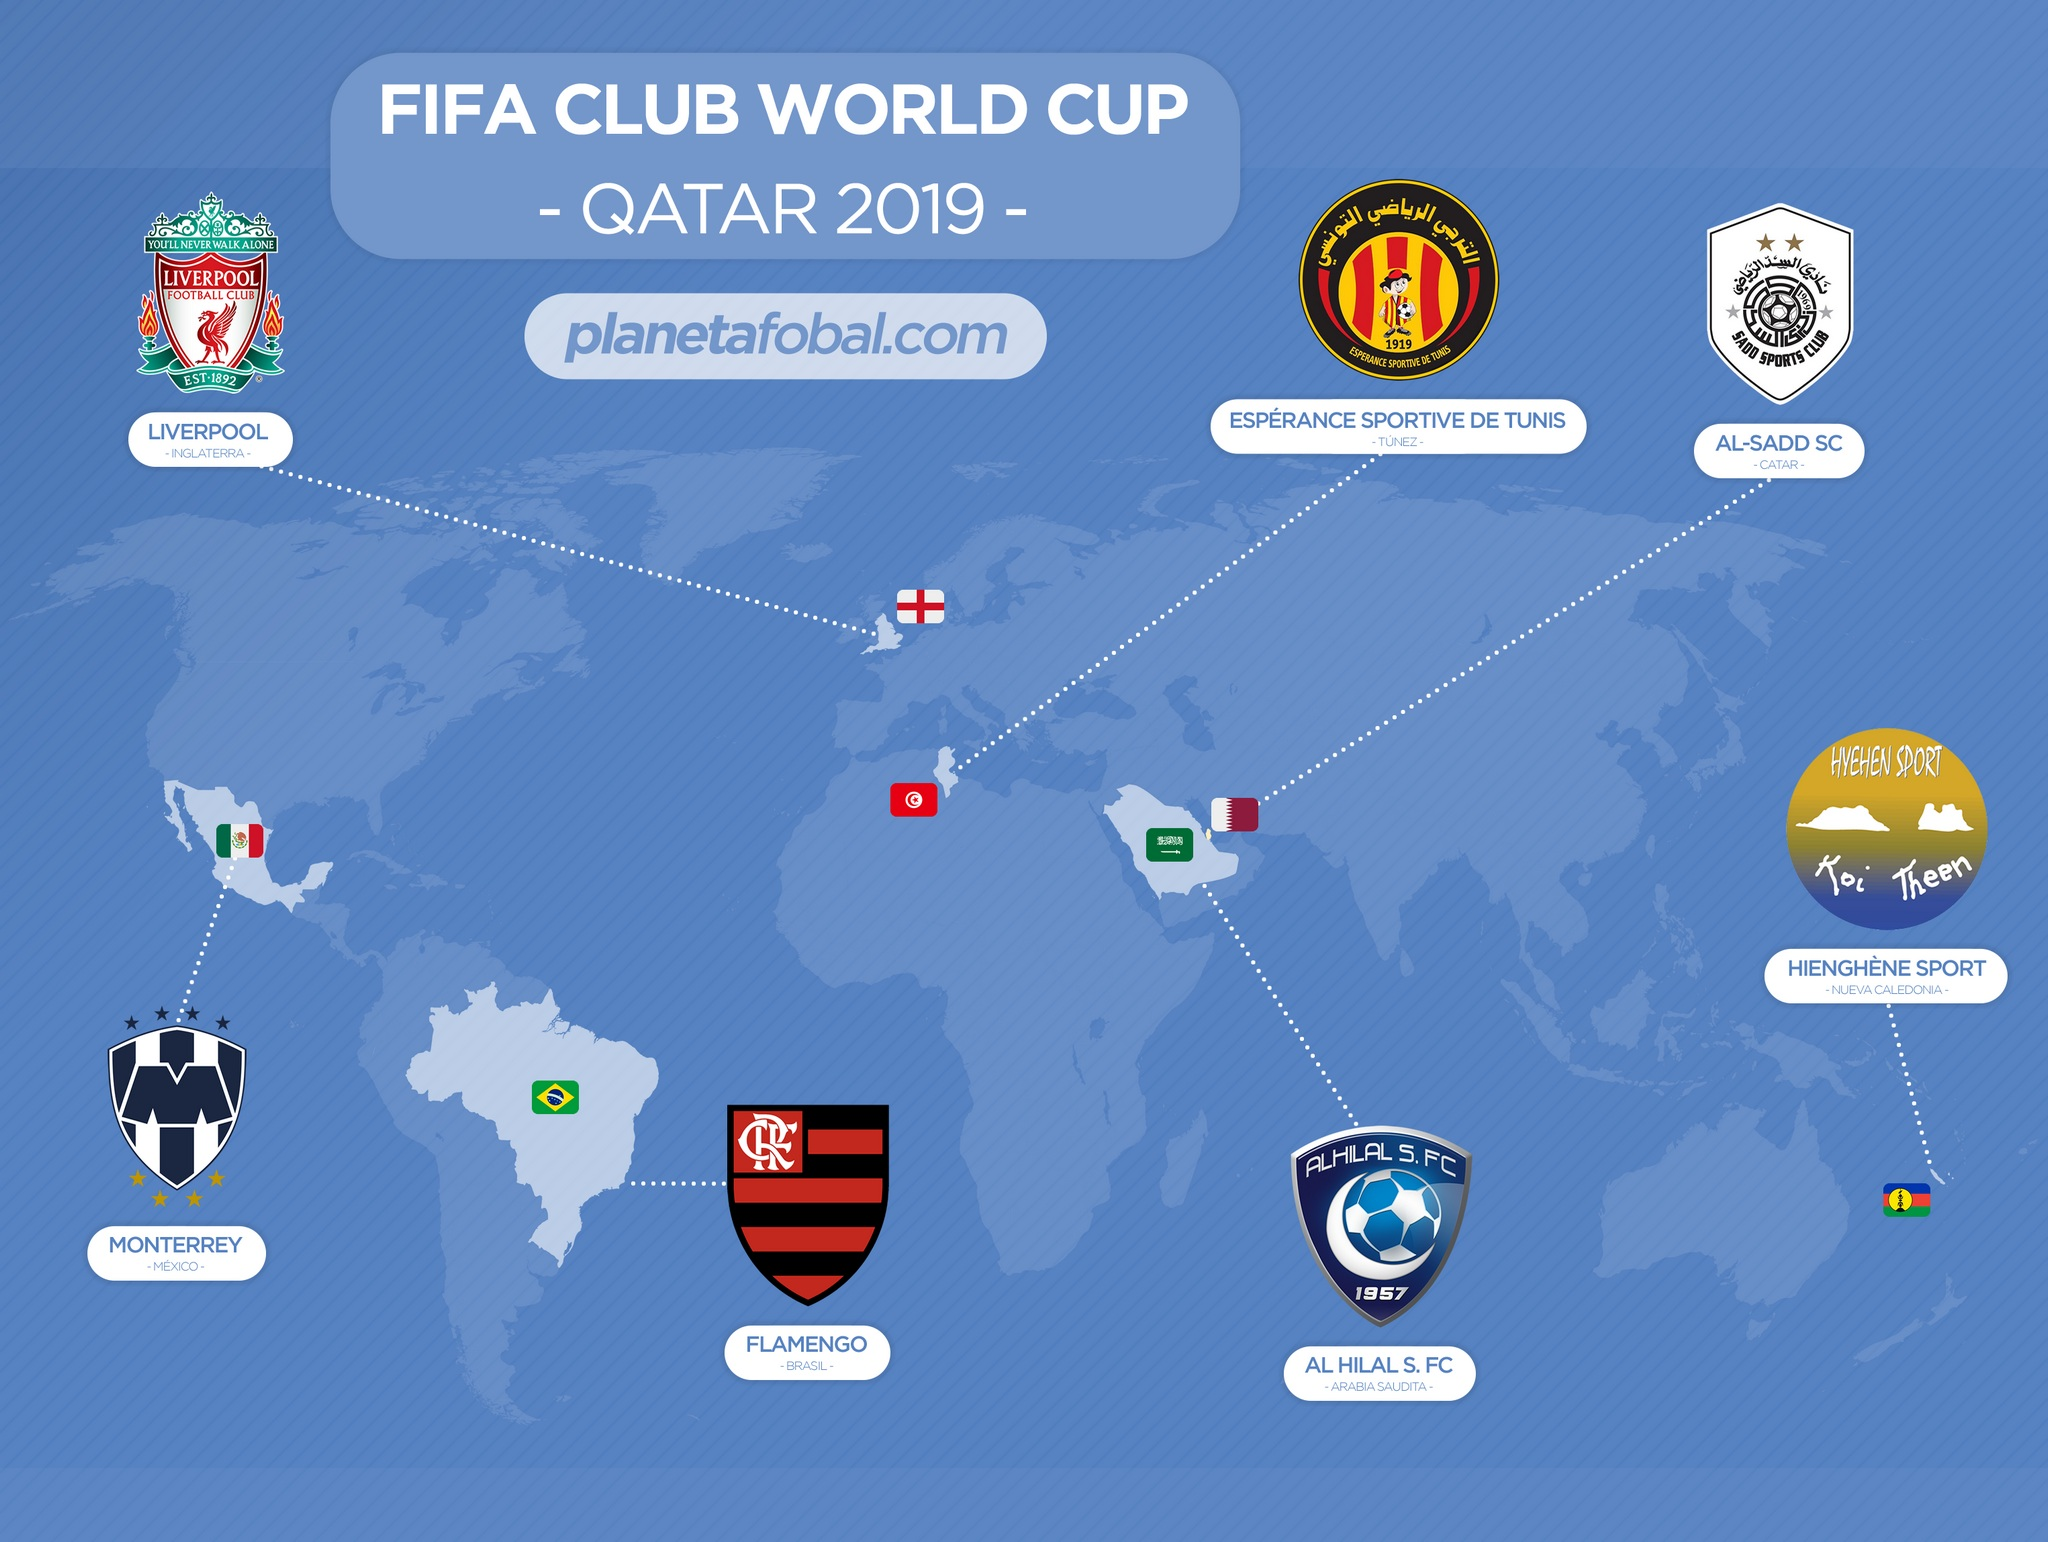 Los siete equipos que disputarán el Mundial de Clubes Catar 2019